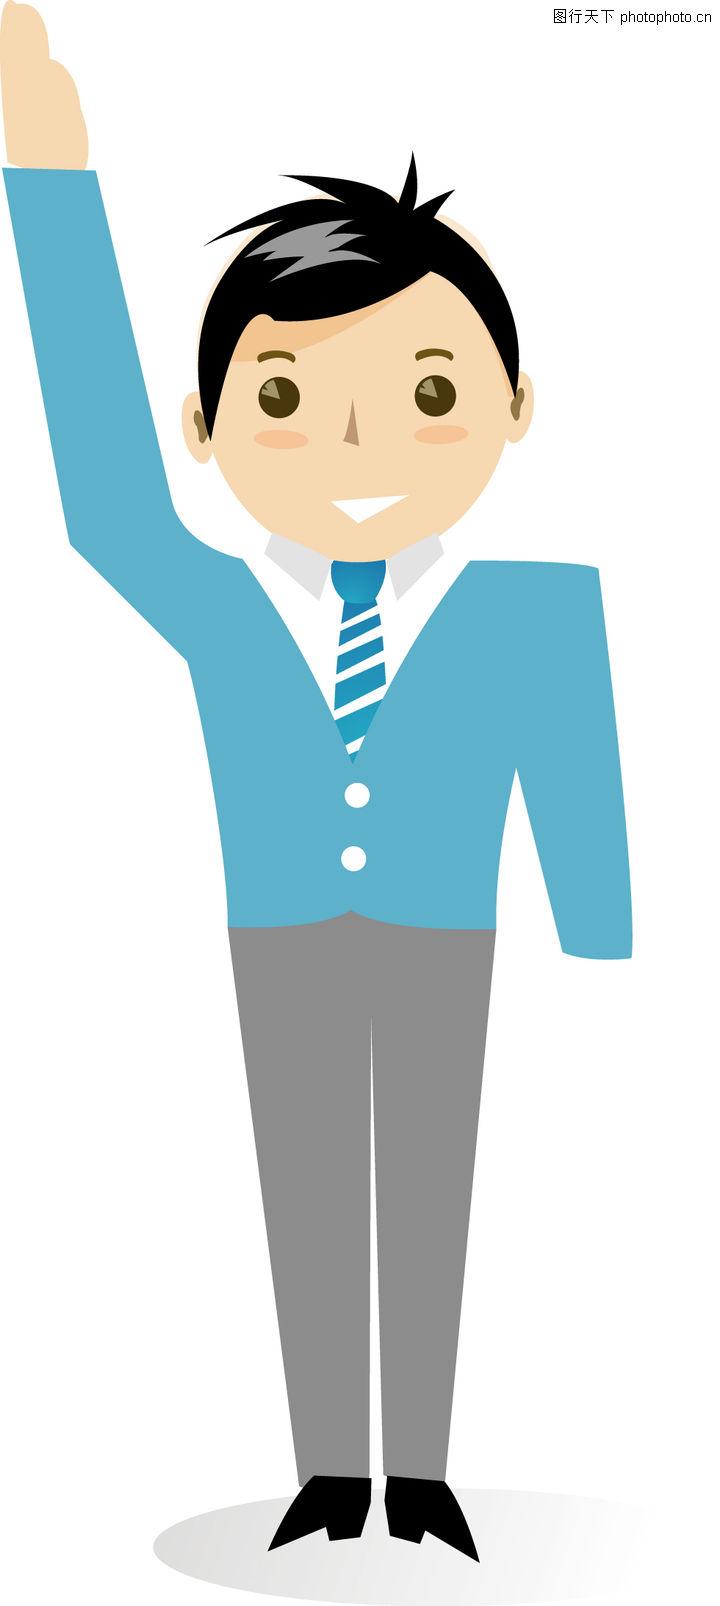 人物休闲,卡通人物,举起右手男人 领带 穿礼服男人 举手 大笑男人图片